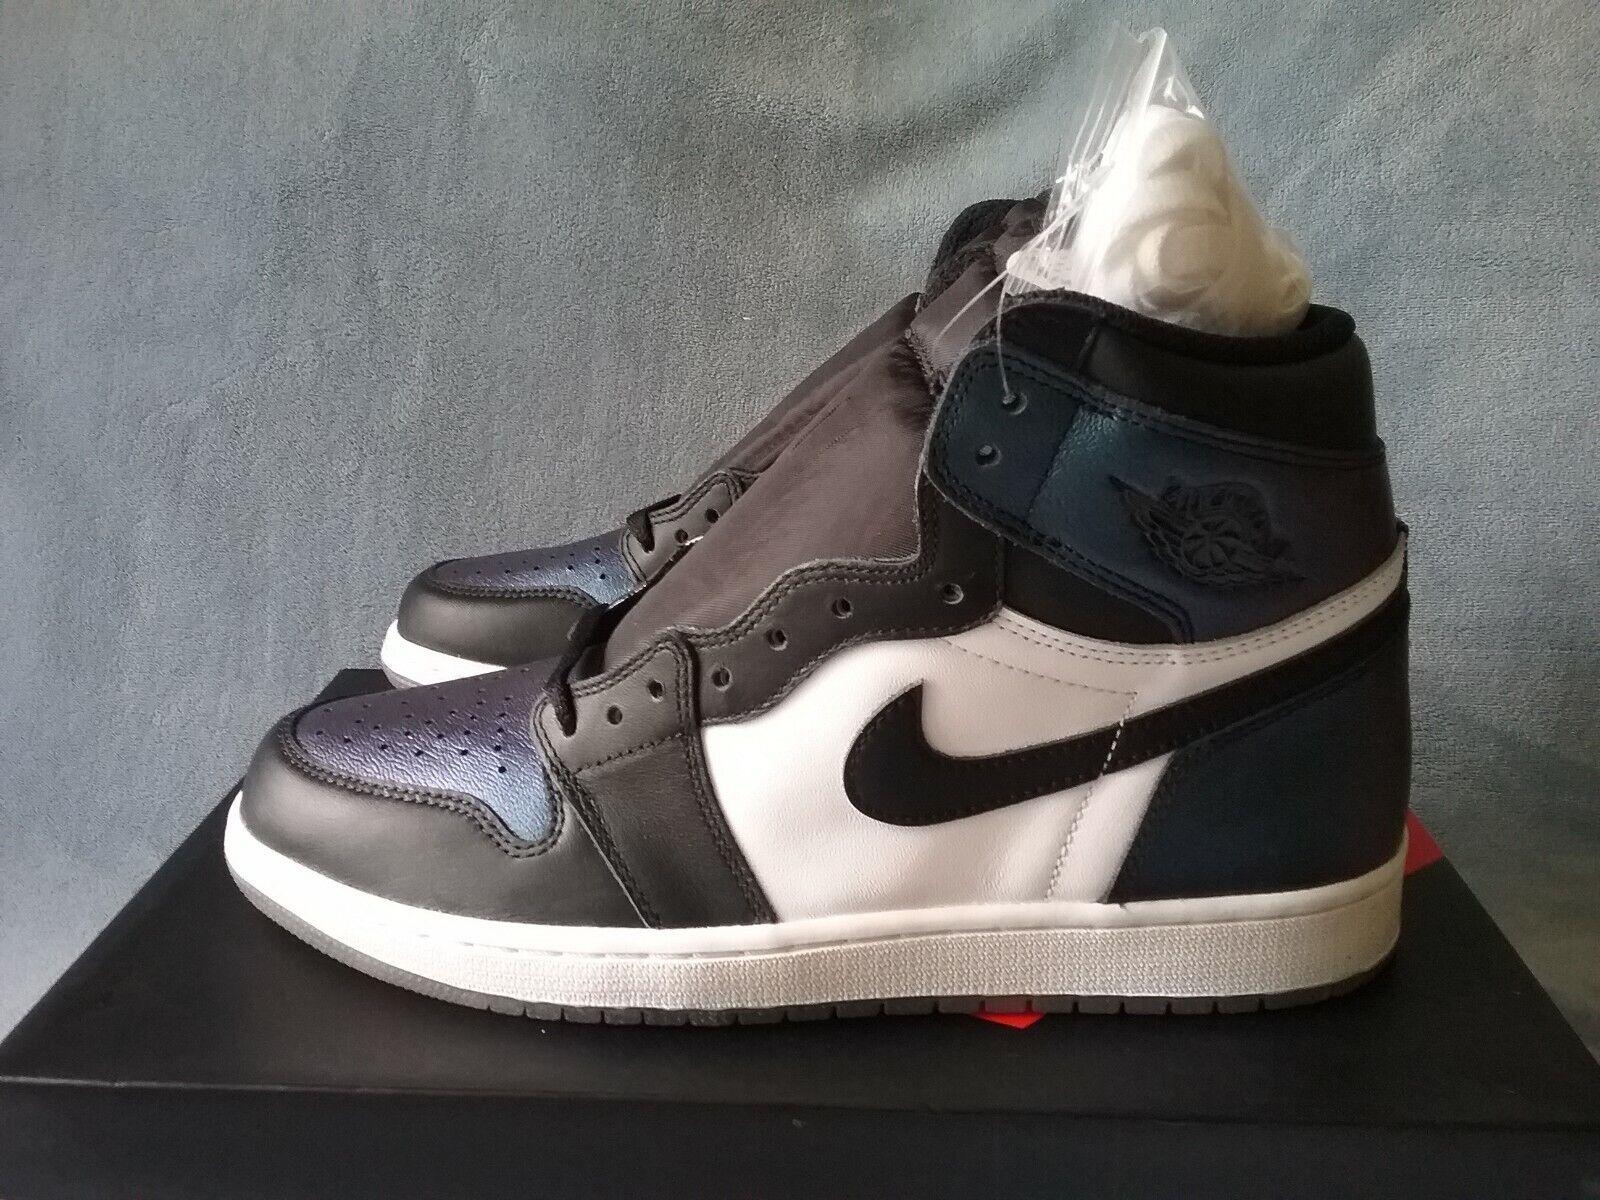 Nike Air Jordan 1 Retro High OG Nola Chameleon 907958-015 Size 10.5